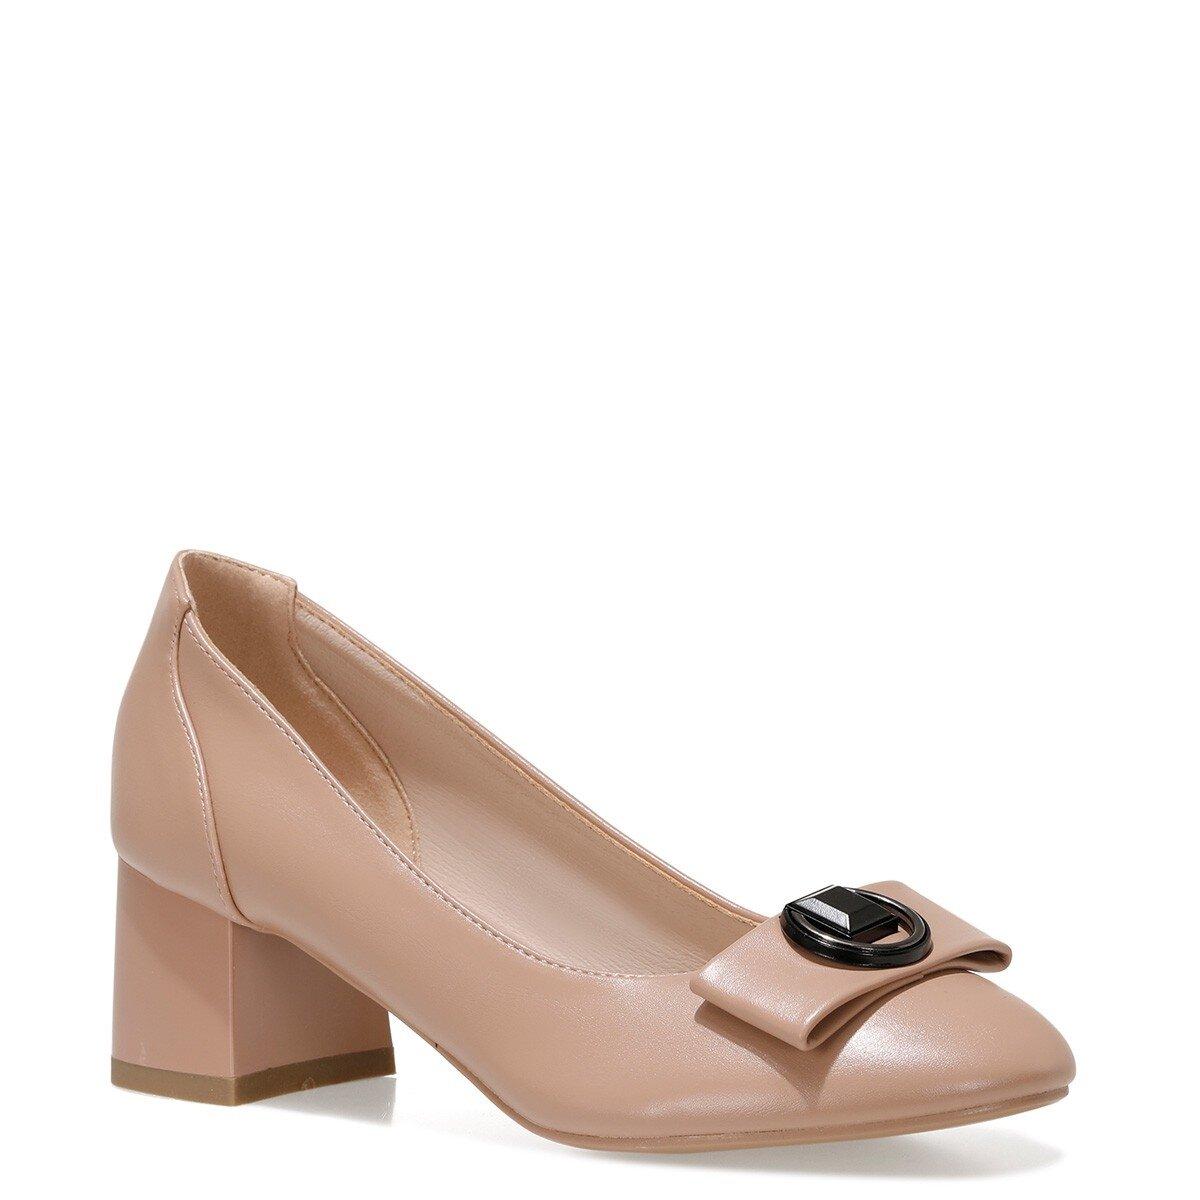 JODEE 1FX Pudra Kadın Topuklu Ayakkabı